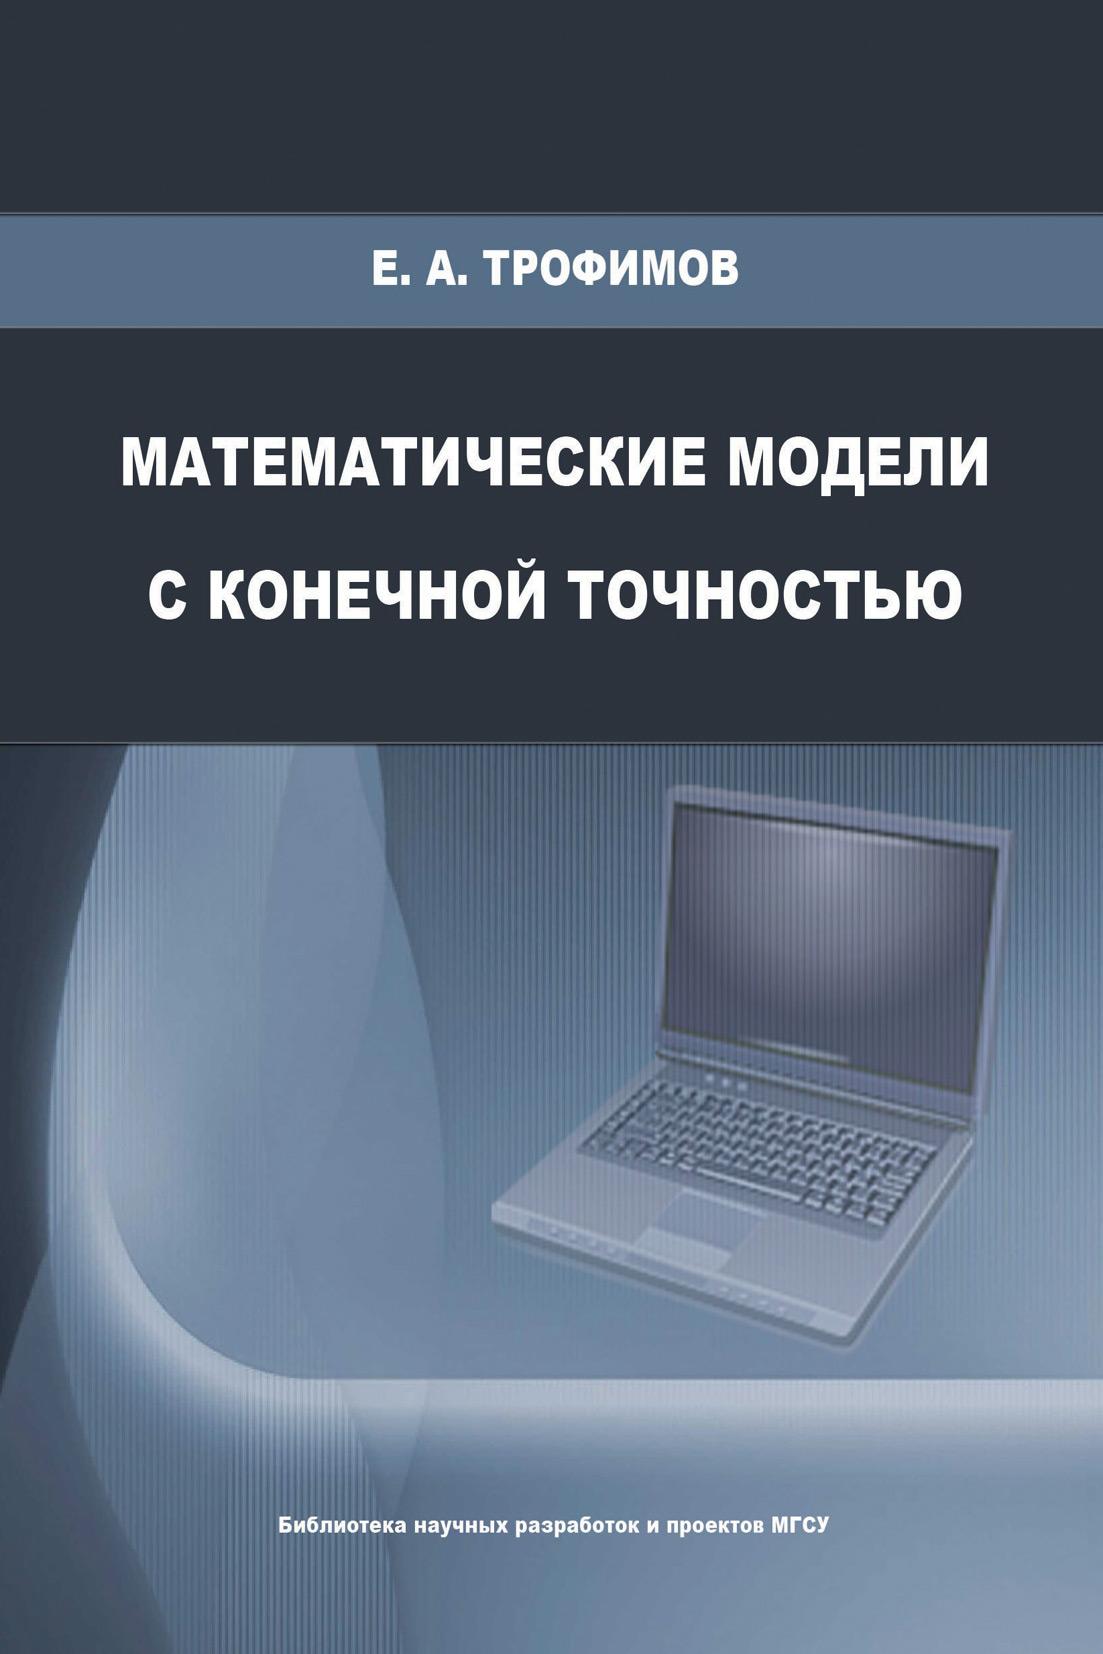 Фото - Е. А. Трофимов Математические модели с конечной точностью а а боровков эргодичность и устойчивость случайных процессов